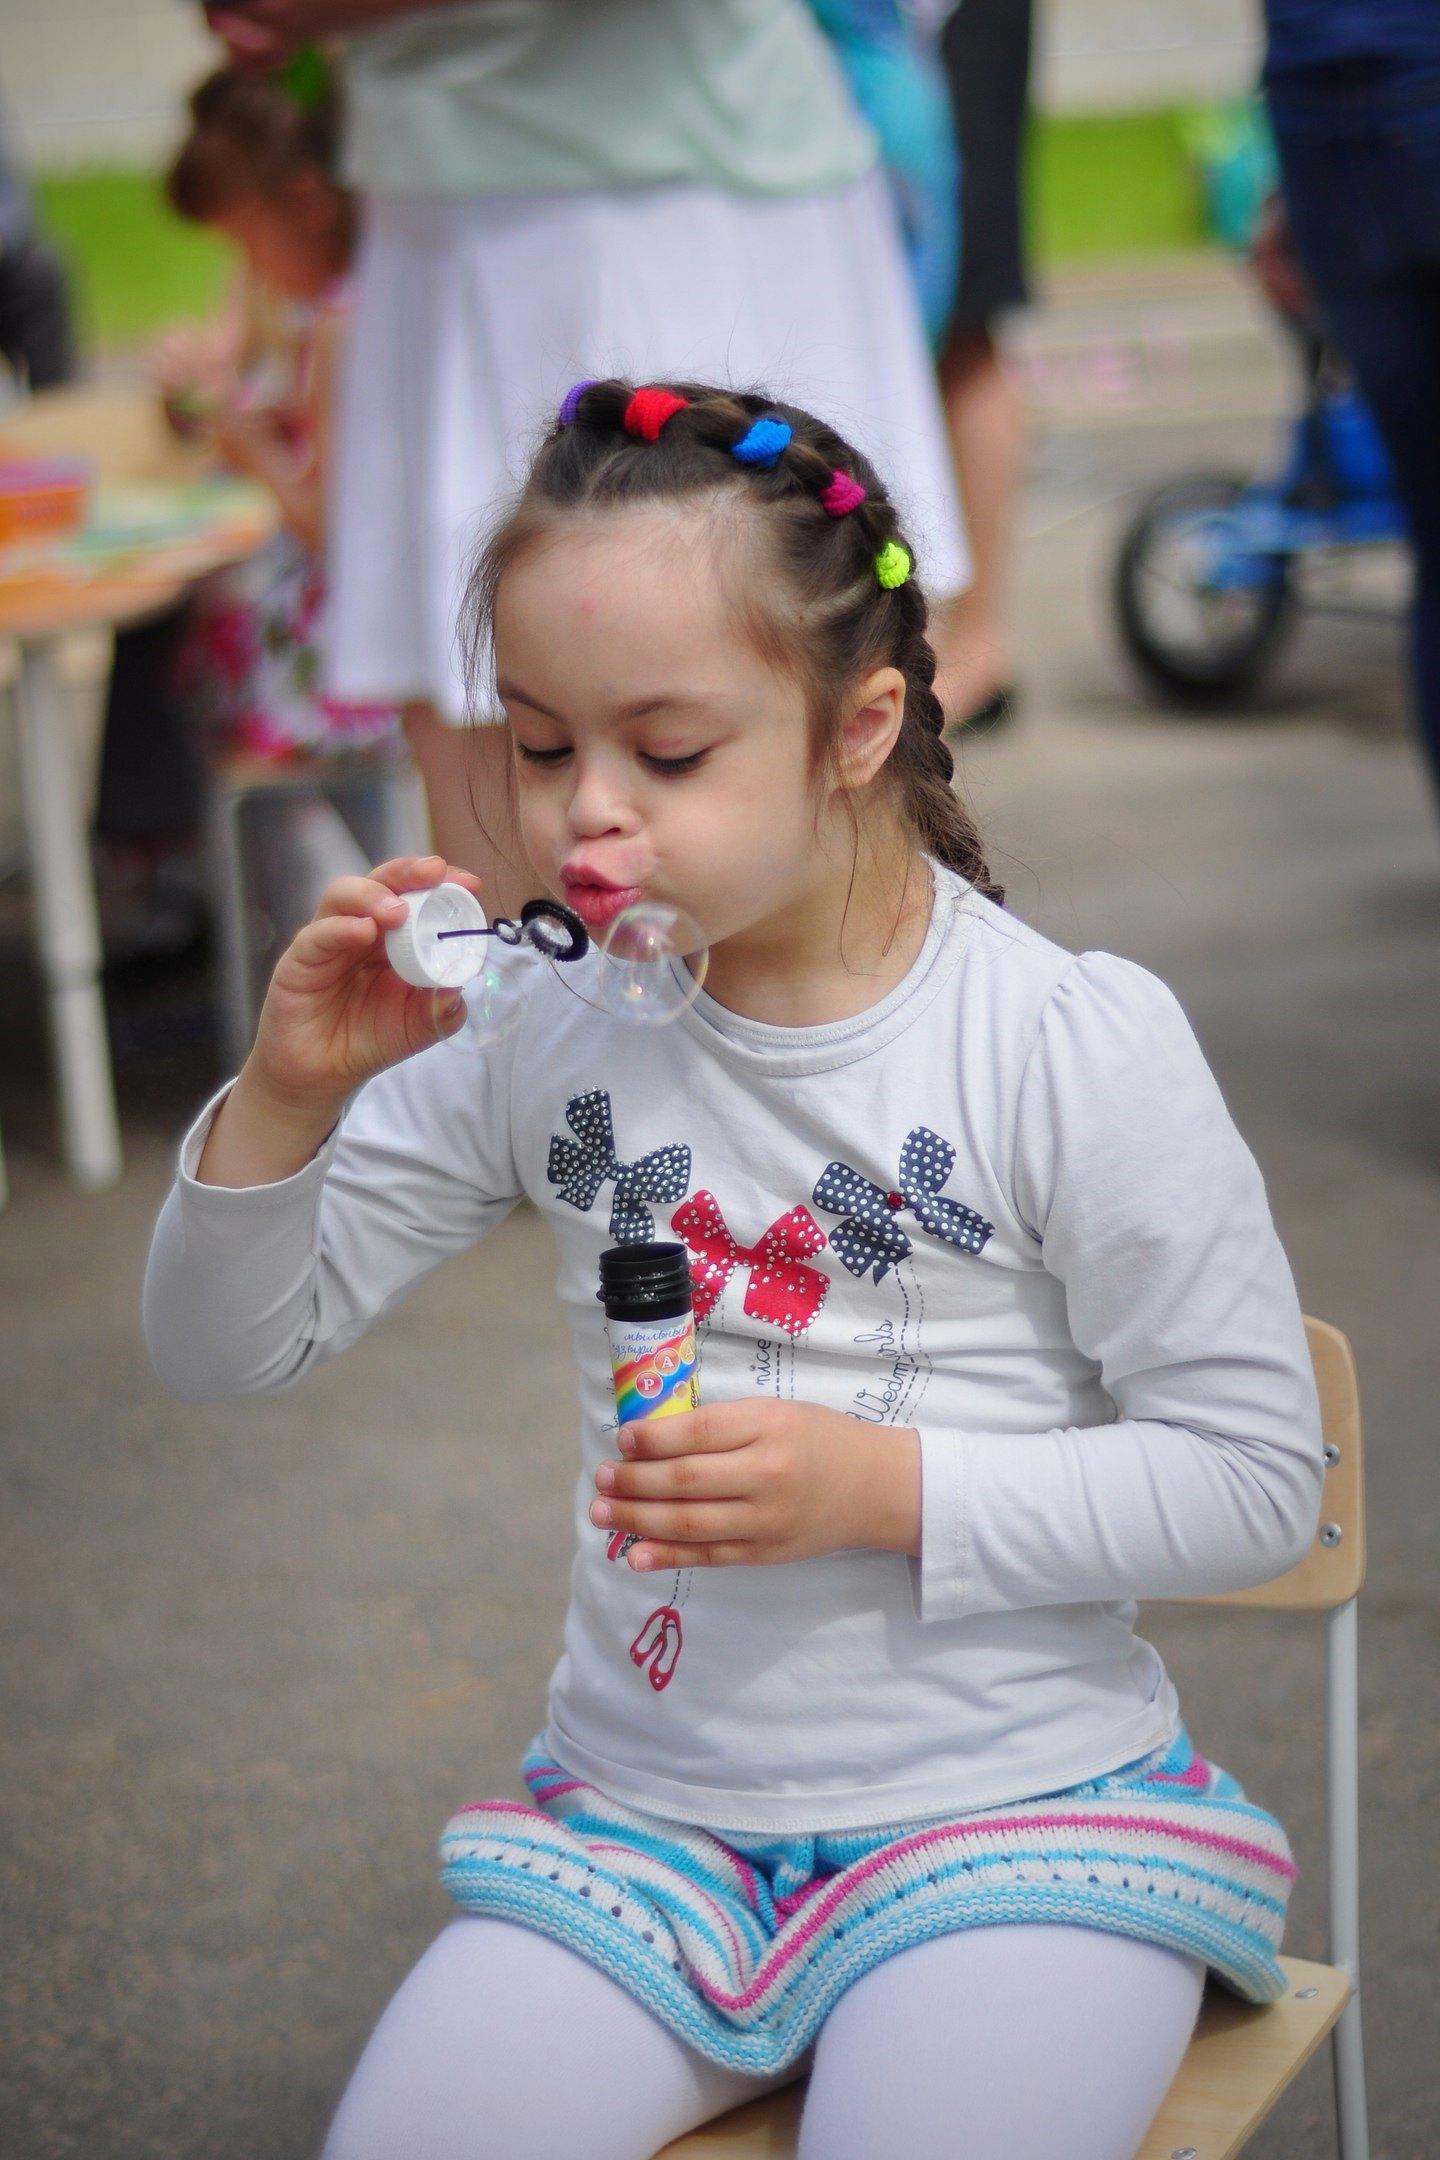 24.06.2016, вып. в Лесовичке, фото О. Сидяковой, 35